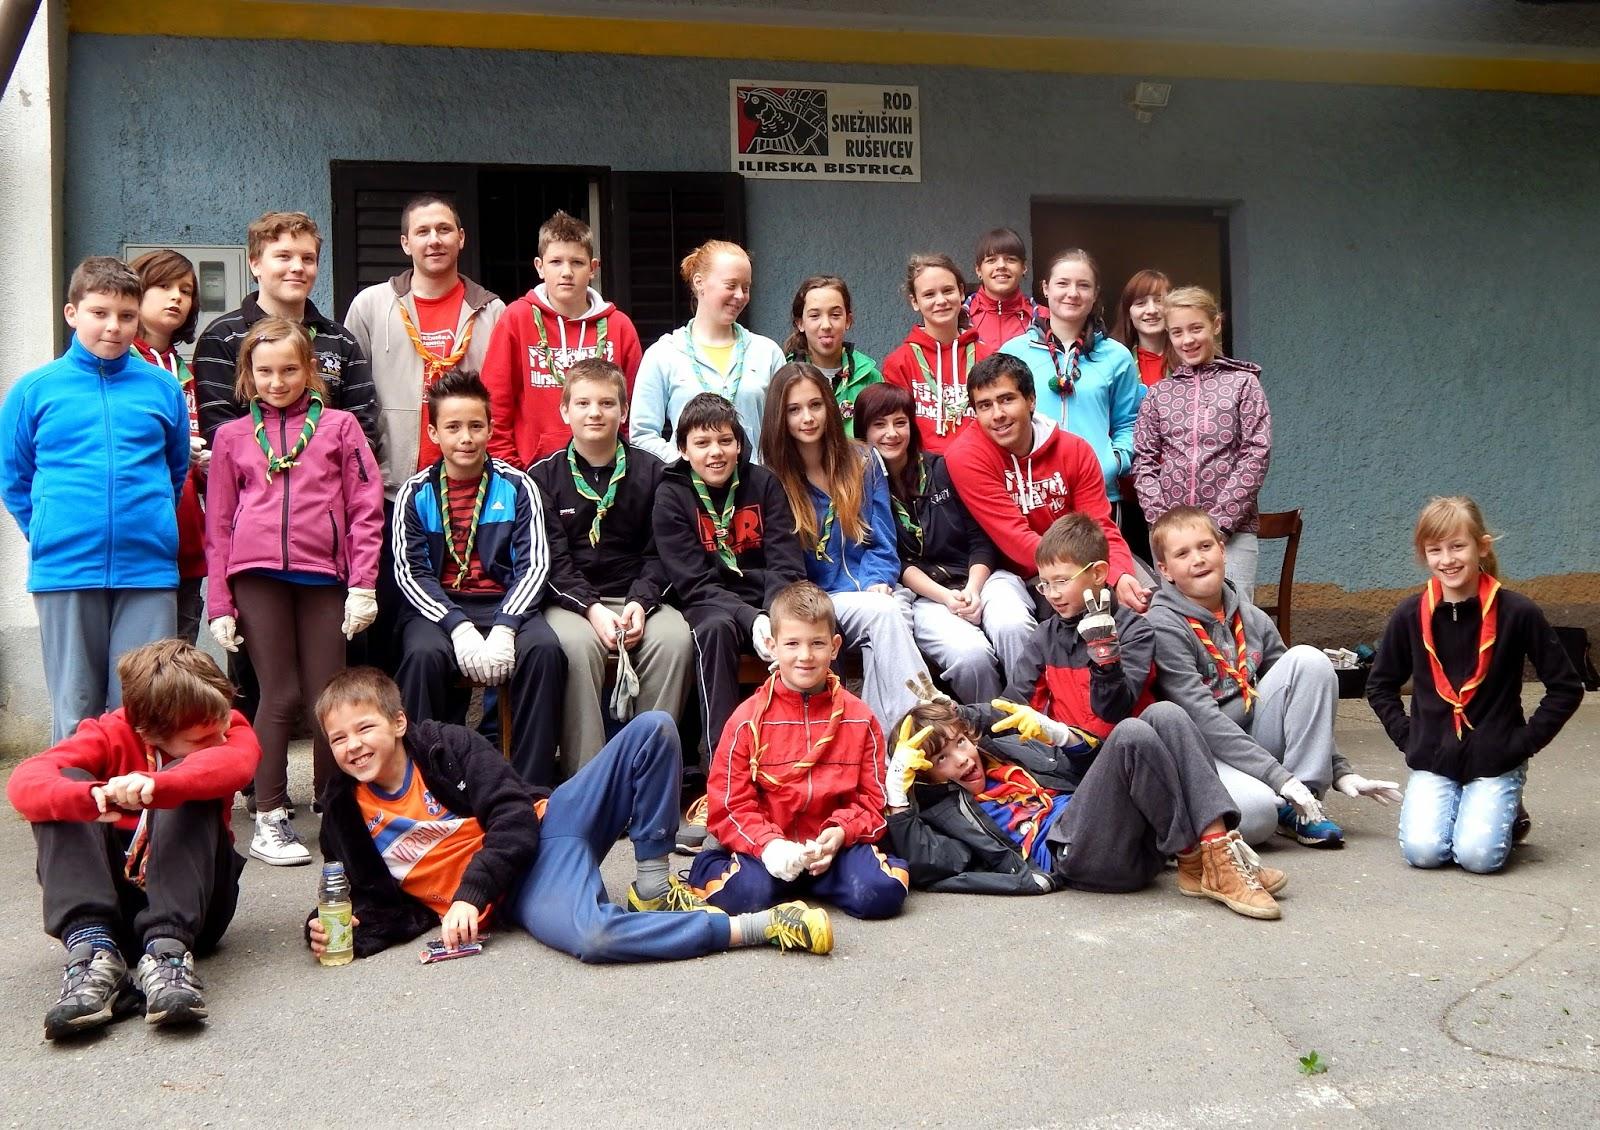 Čistilna akcija 2014, Ilirska Bistrica 2014 - DSCN1620.JPG